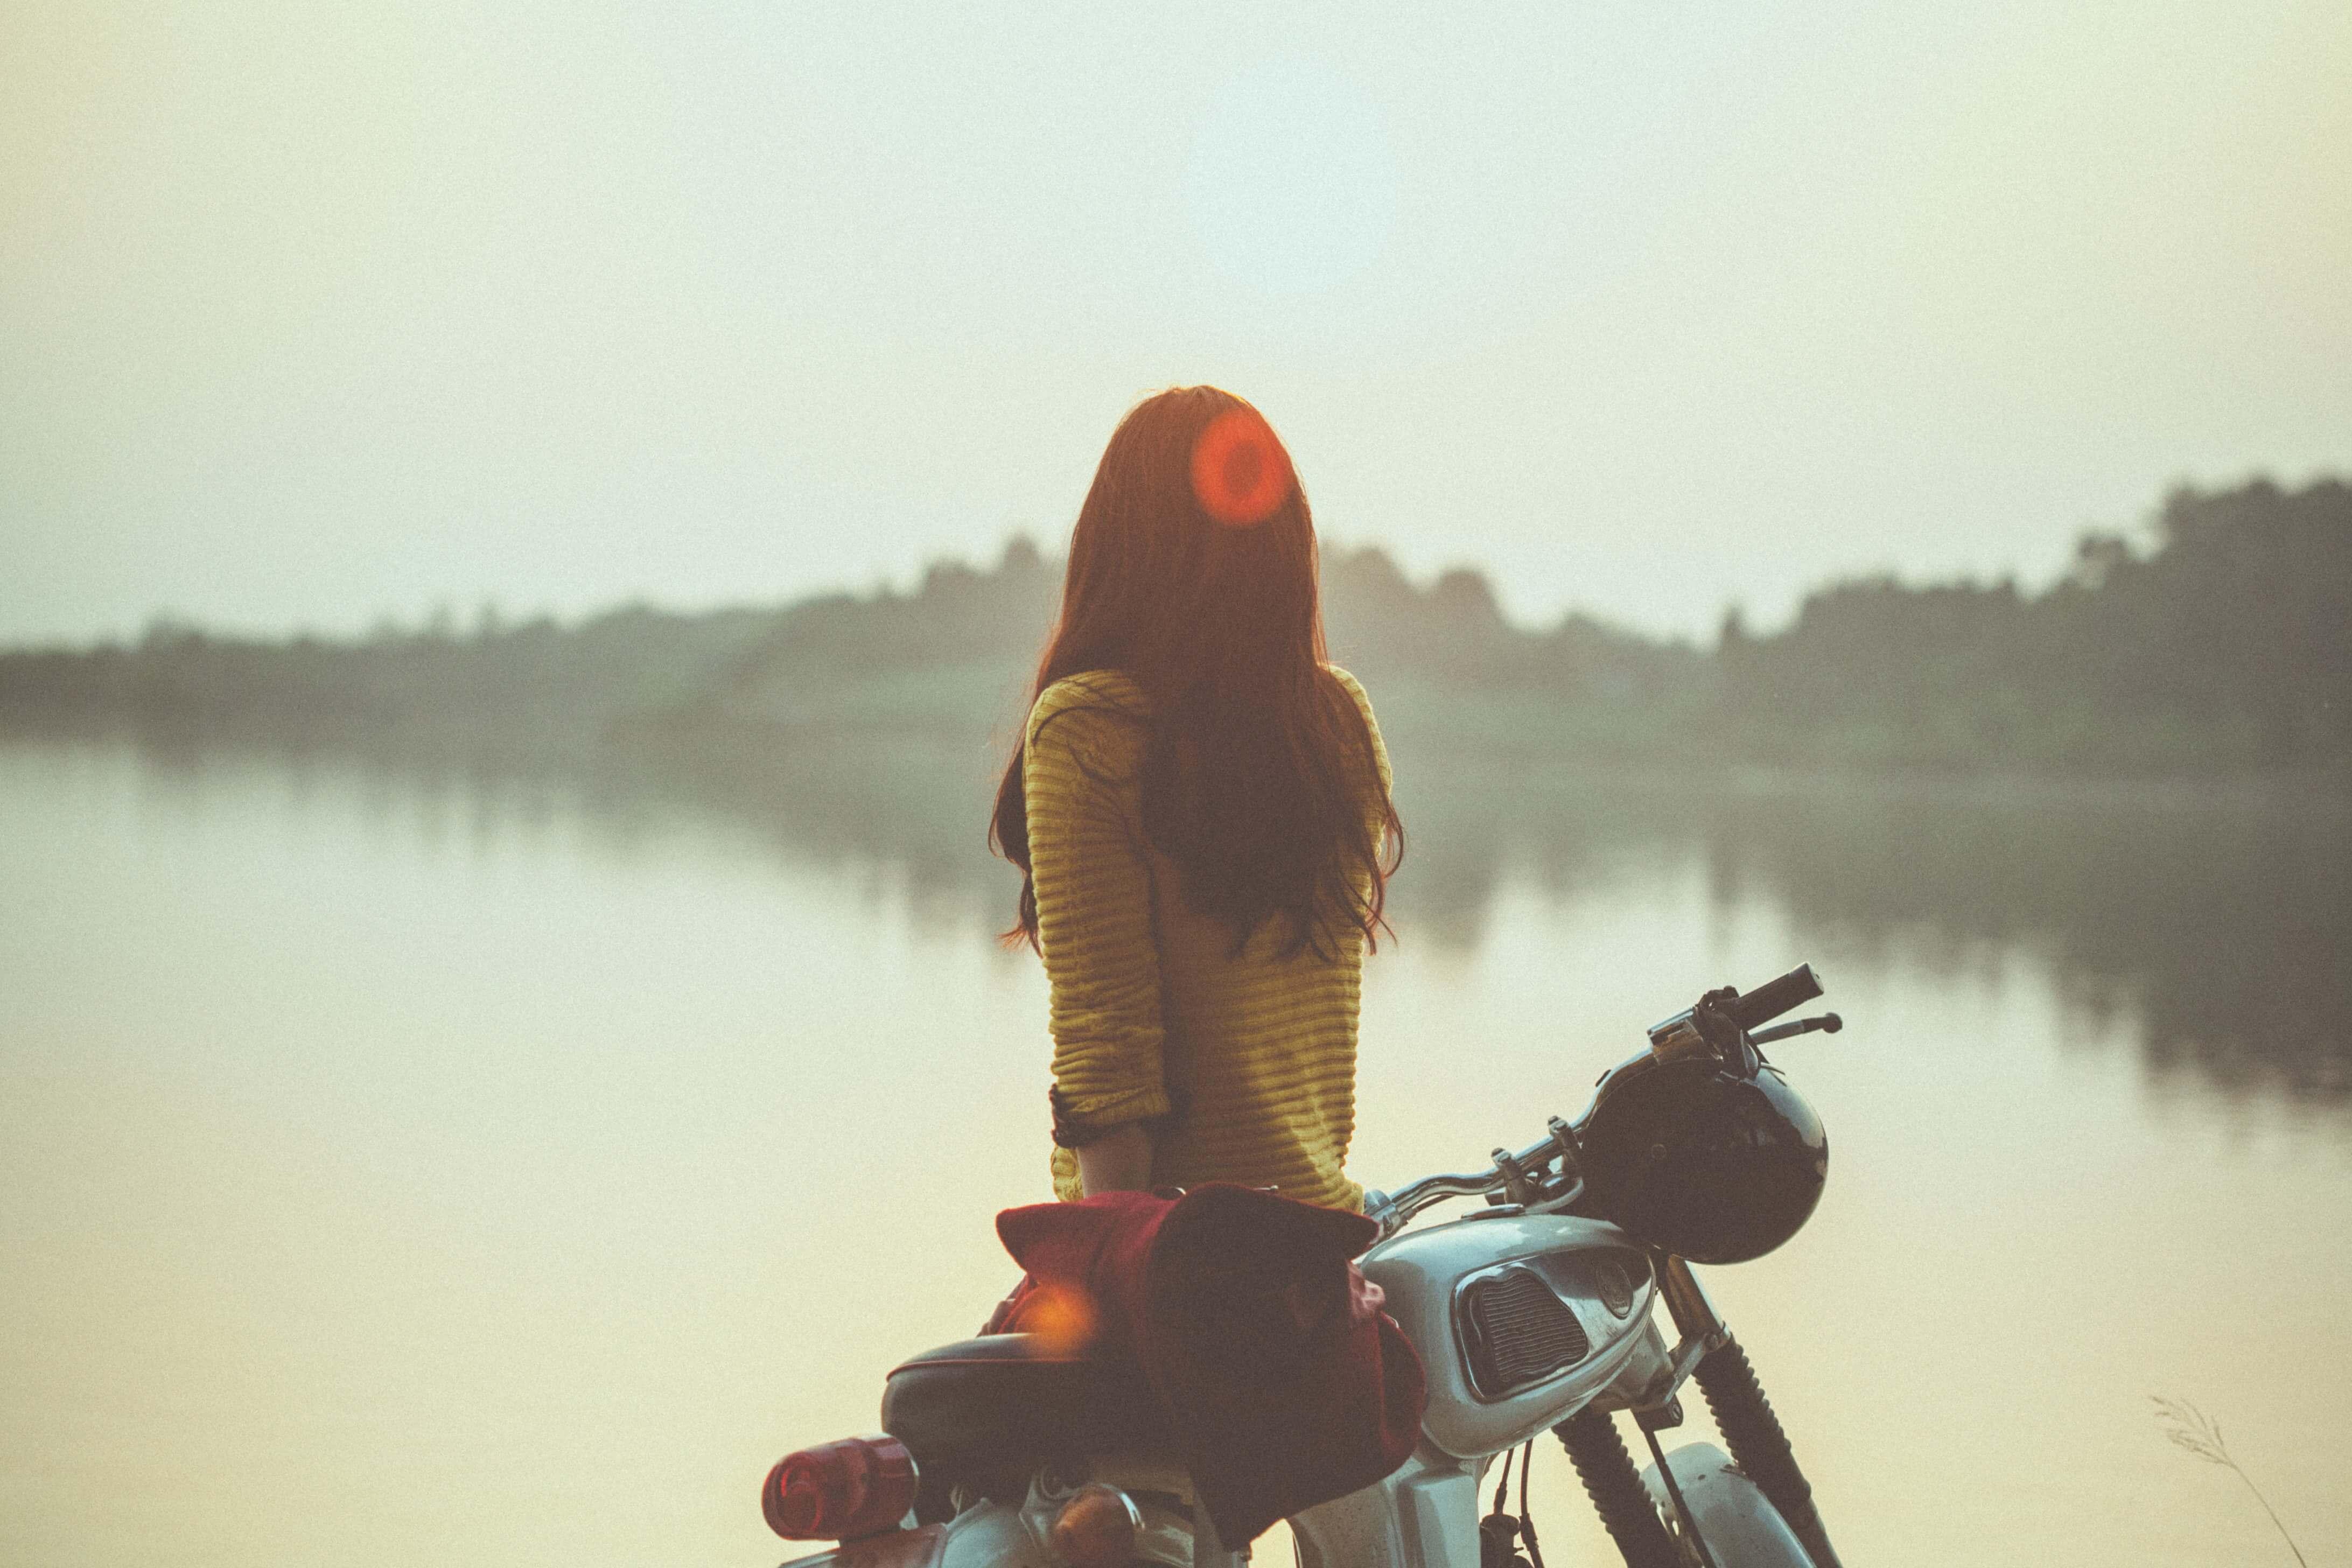 バイクにもたれながら湖を眺める女性